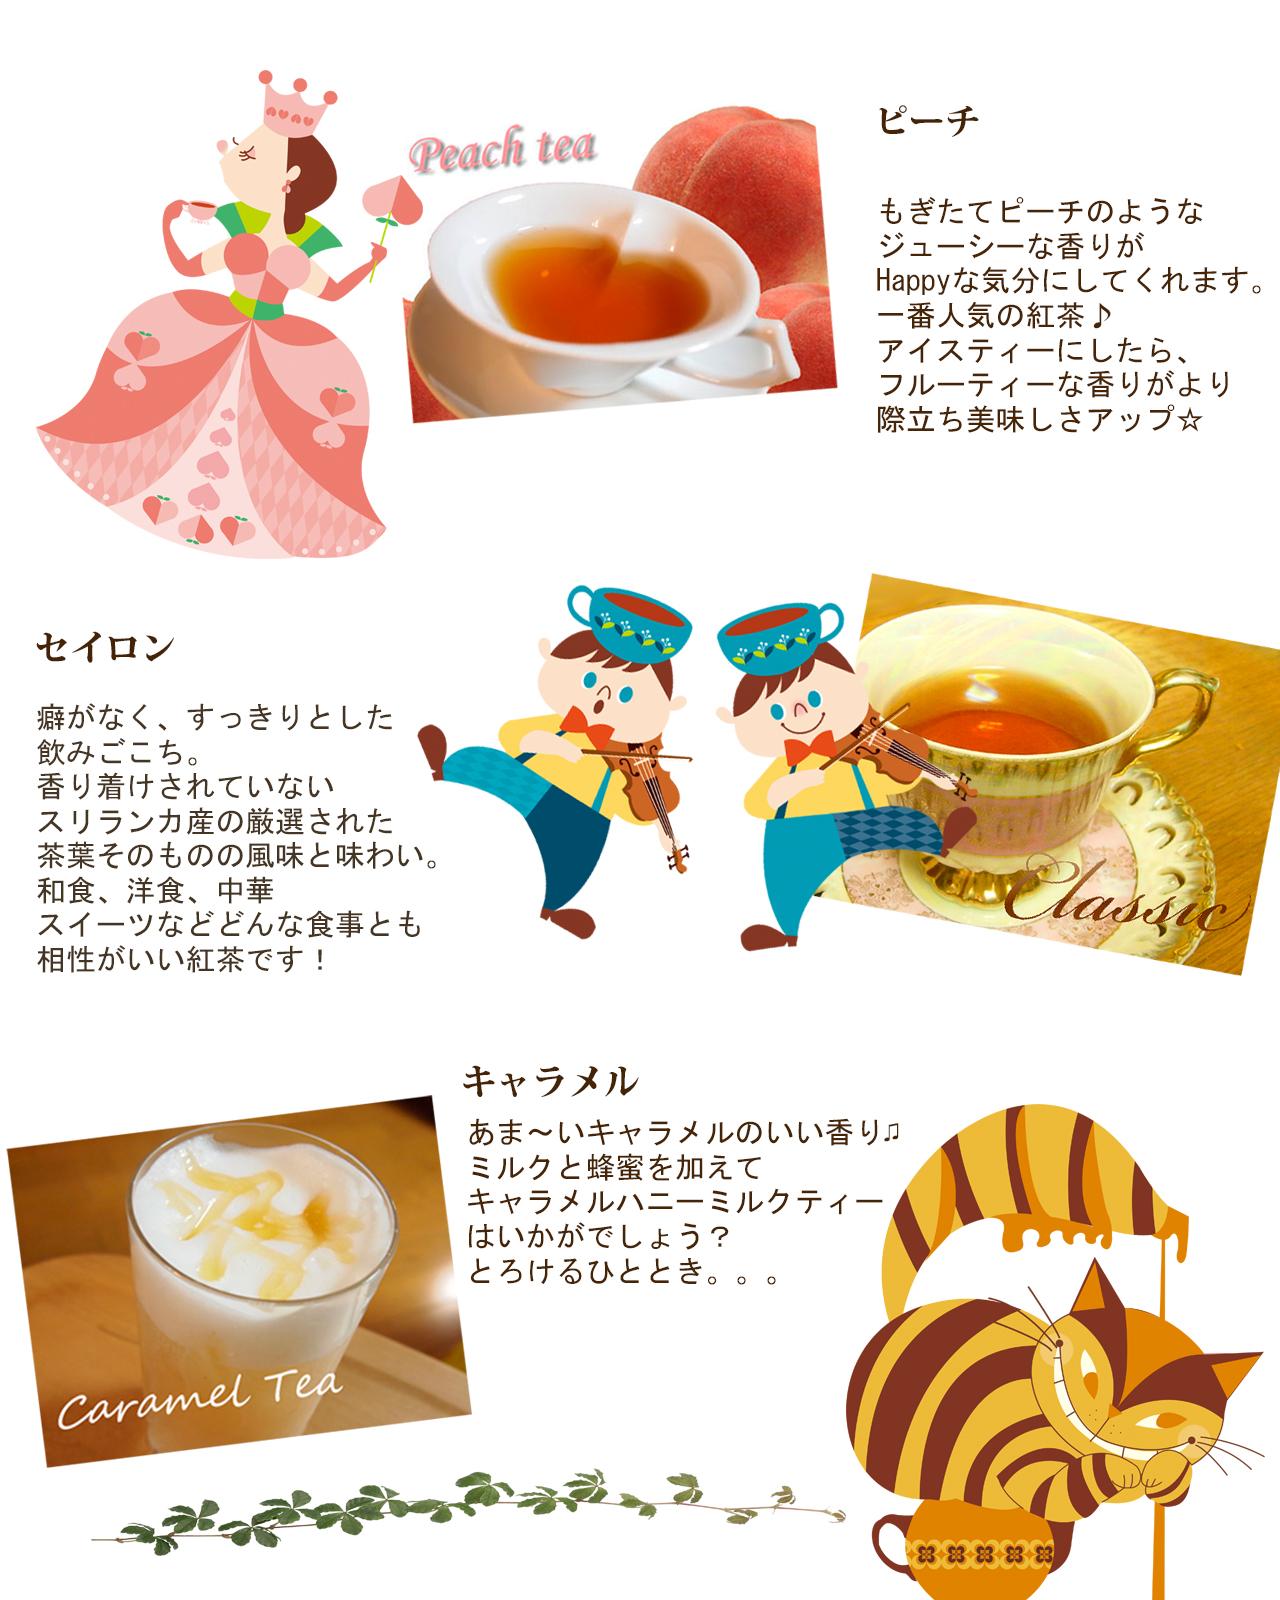 カフェインレス 紅茶 ティーバッグ 選べる3点セット【メール便・送料無料】妊婦さん や 授乳中 の方に人気の ノンカフェイン 母の日 プレゼントにも♪[紅茶の国のアリス]